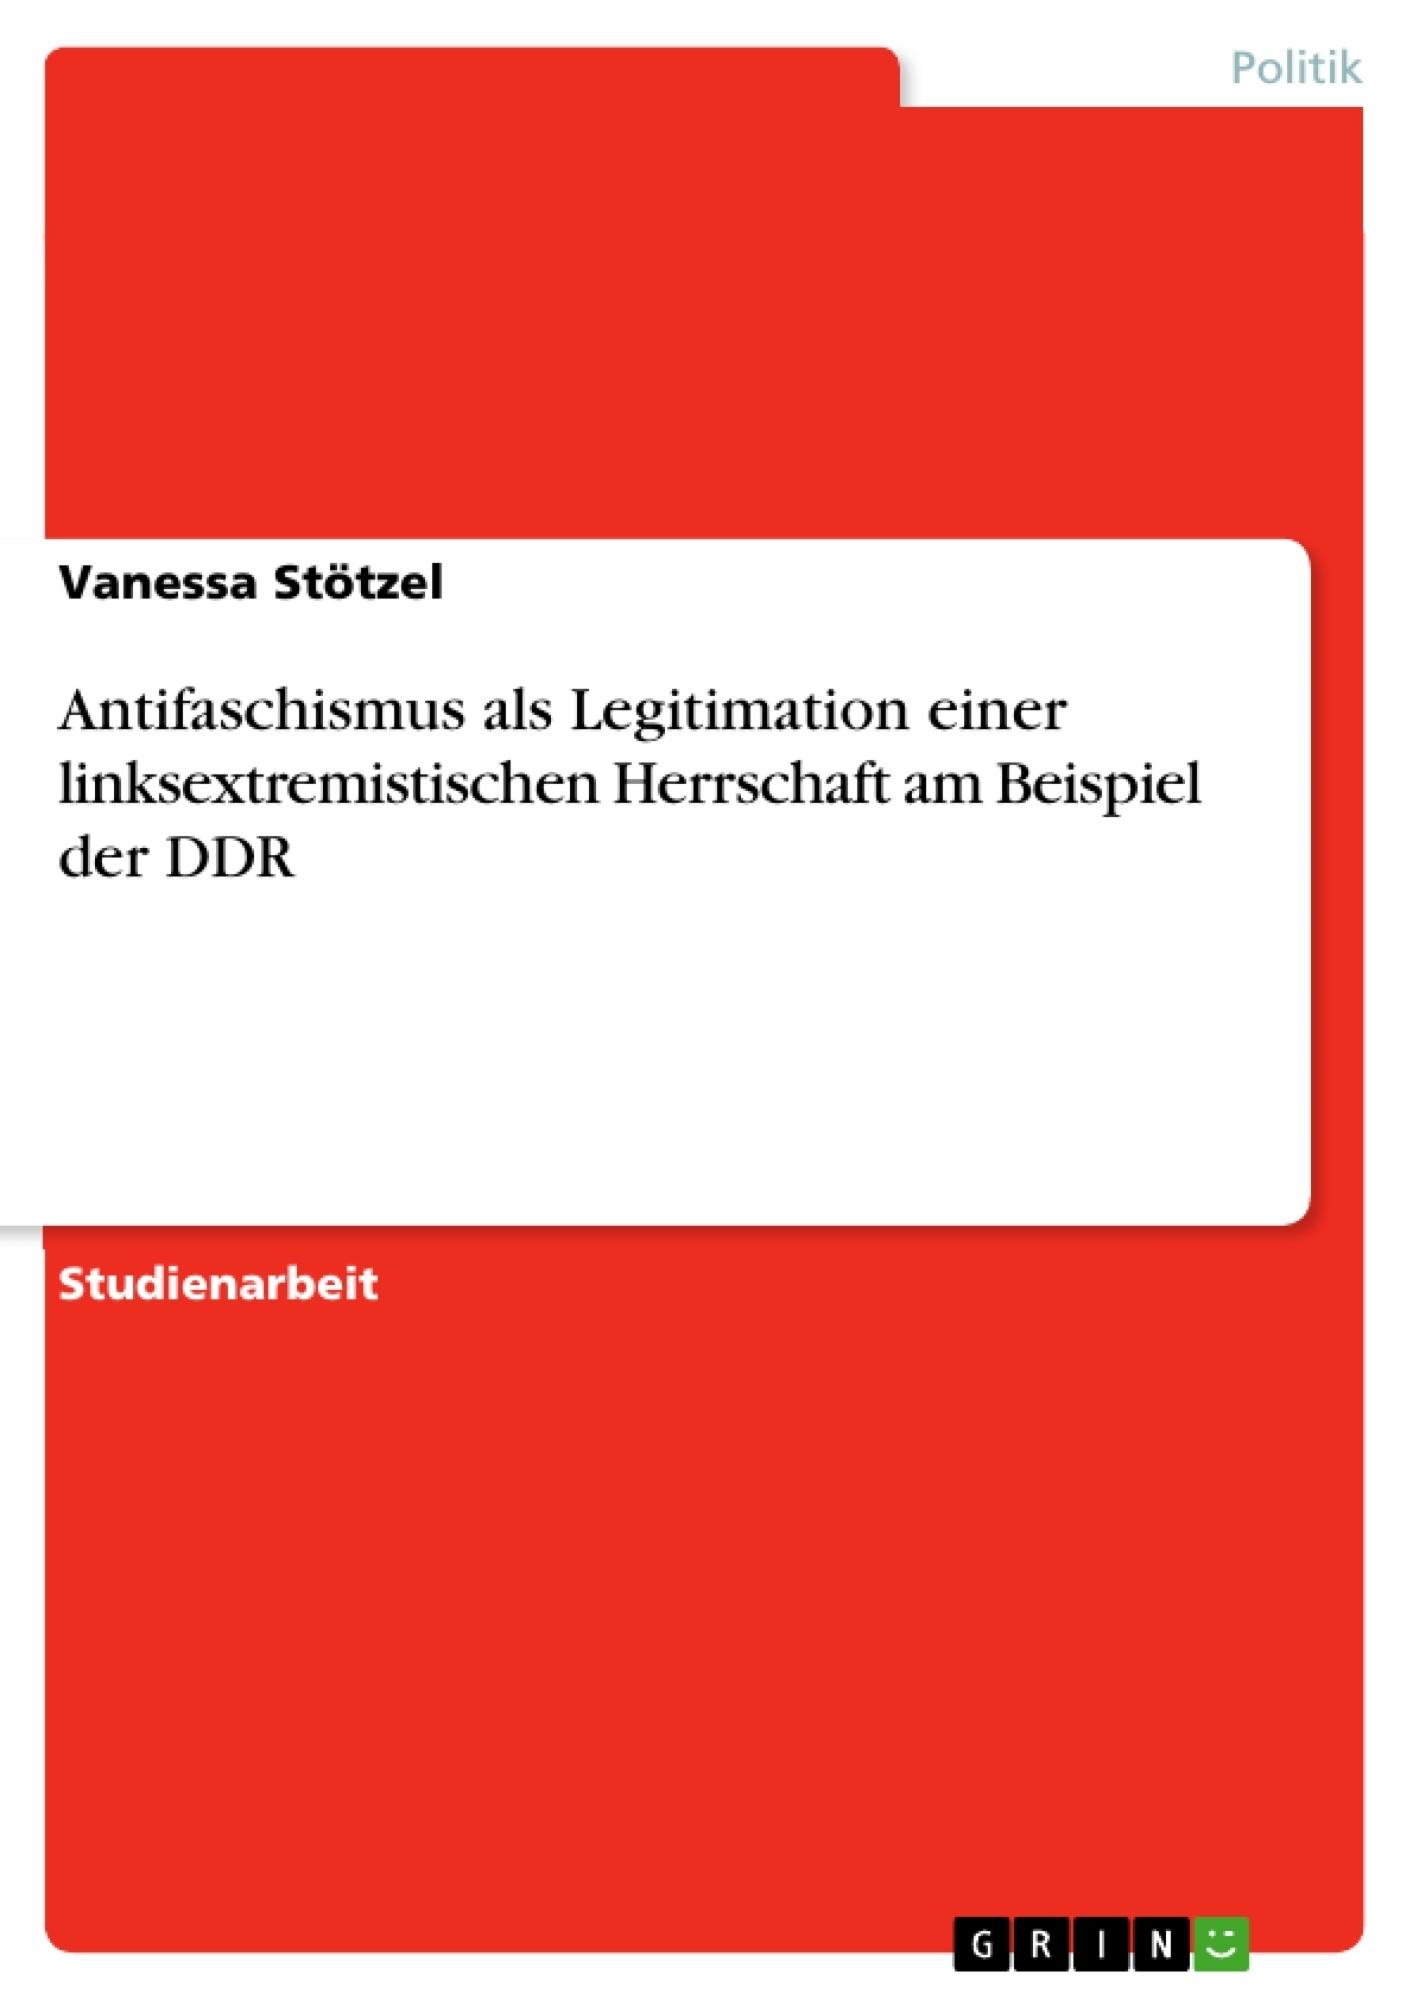 Titel: Antifaschismus als Legitimation einer linksextremistischen Herrschaft am Beispiel der DDR